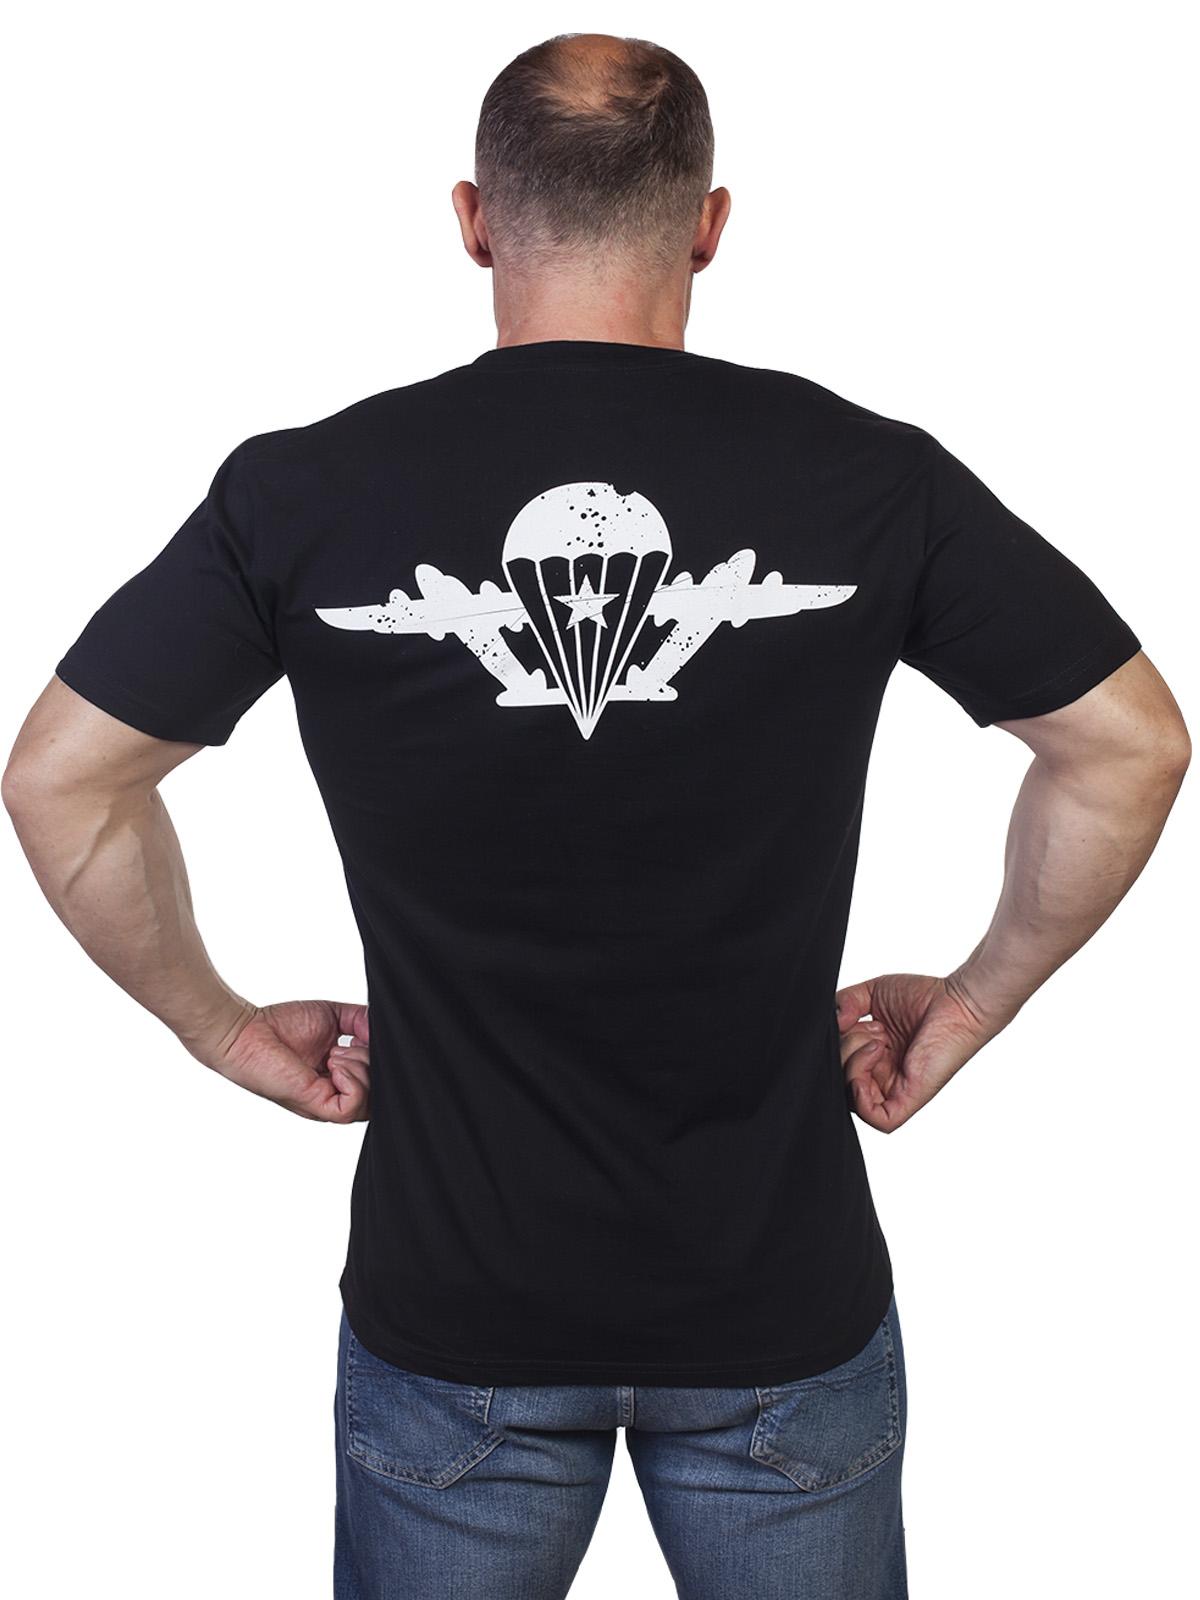 Черная уставная футболка ВДВ - купить выгодно